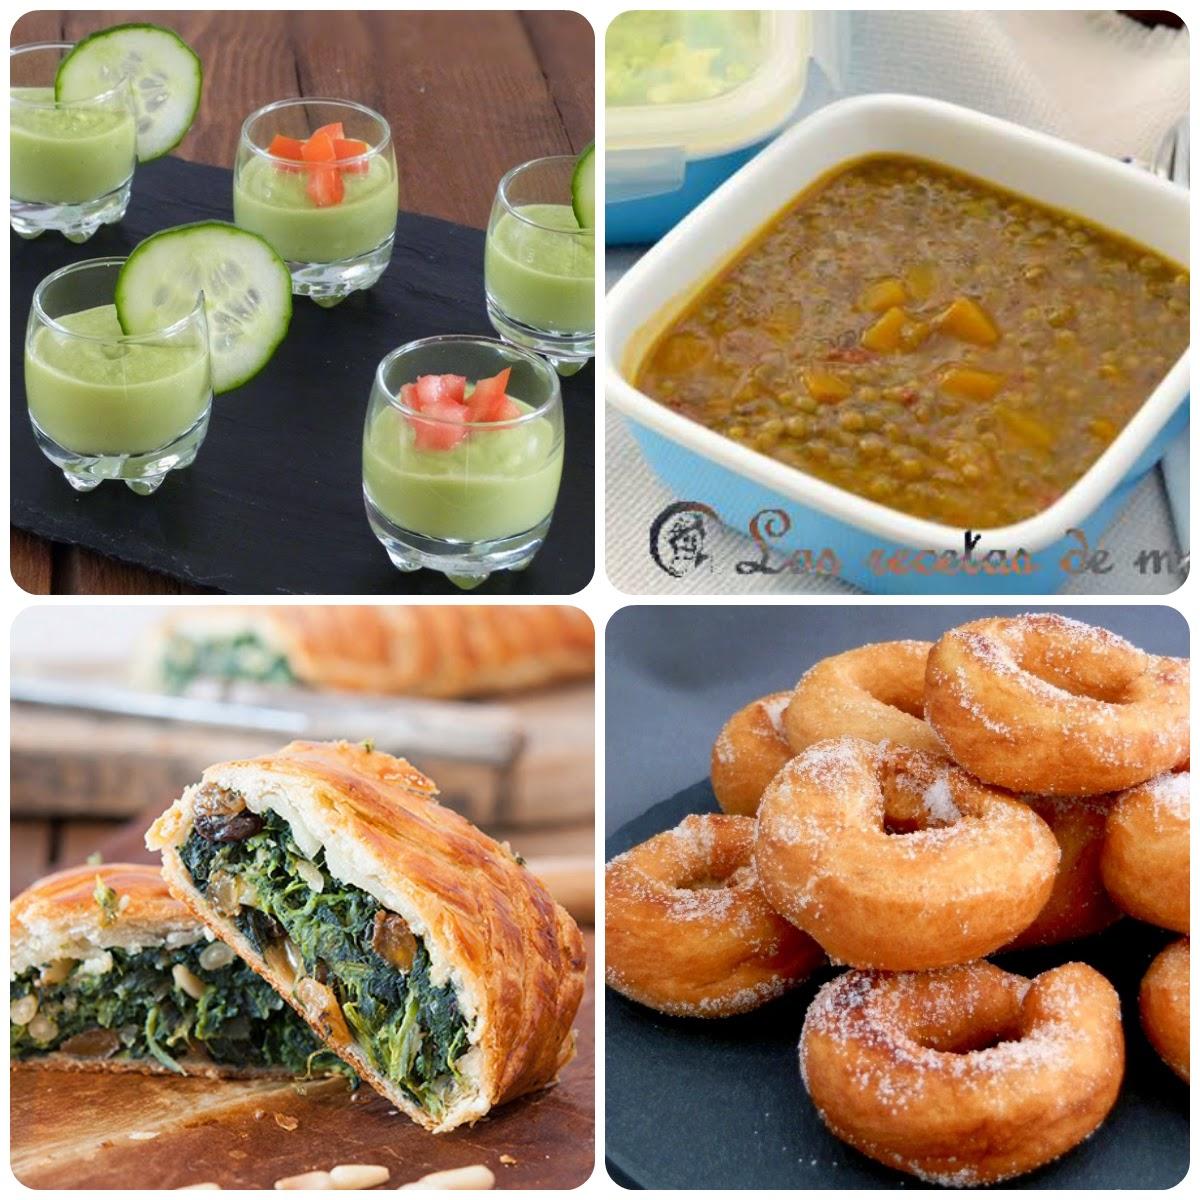 Platos del undécimo menú vegetariano con recetas de otros blogs.